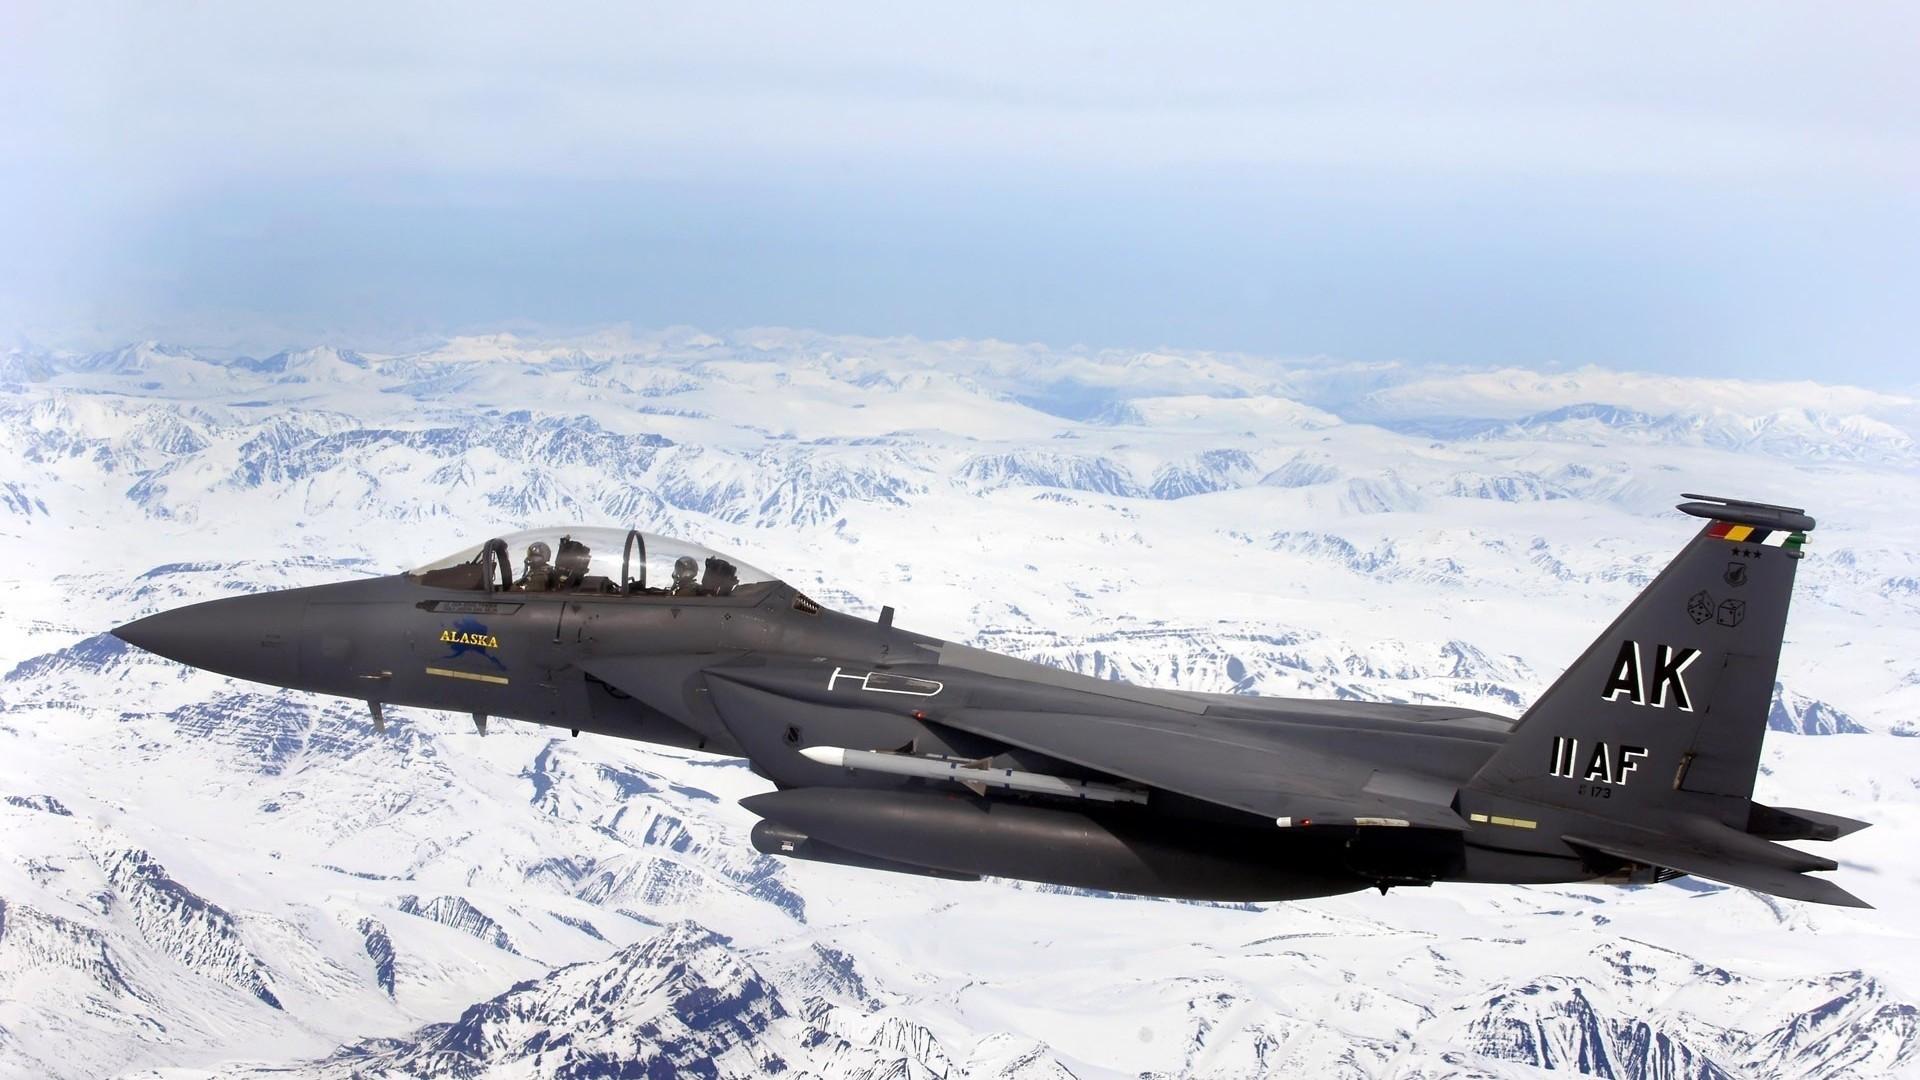 Обои вертикальный предел, F15 strike eagle, истребитель, высота. Авиация foto 7